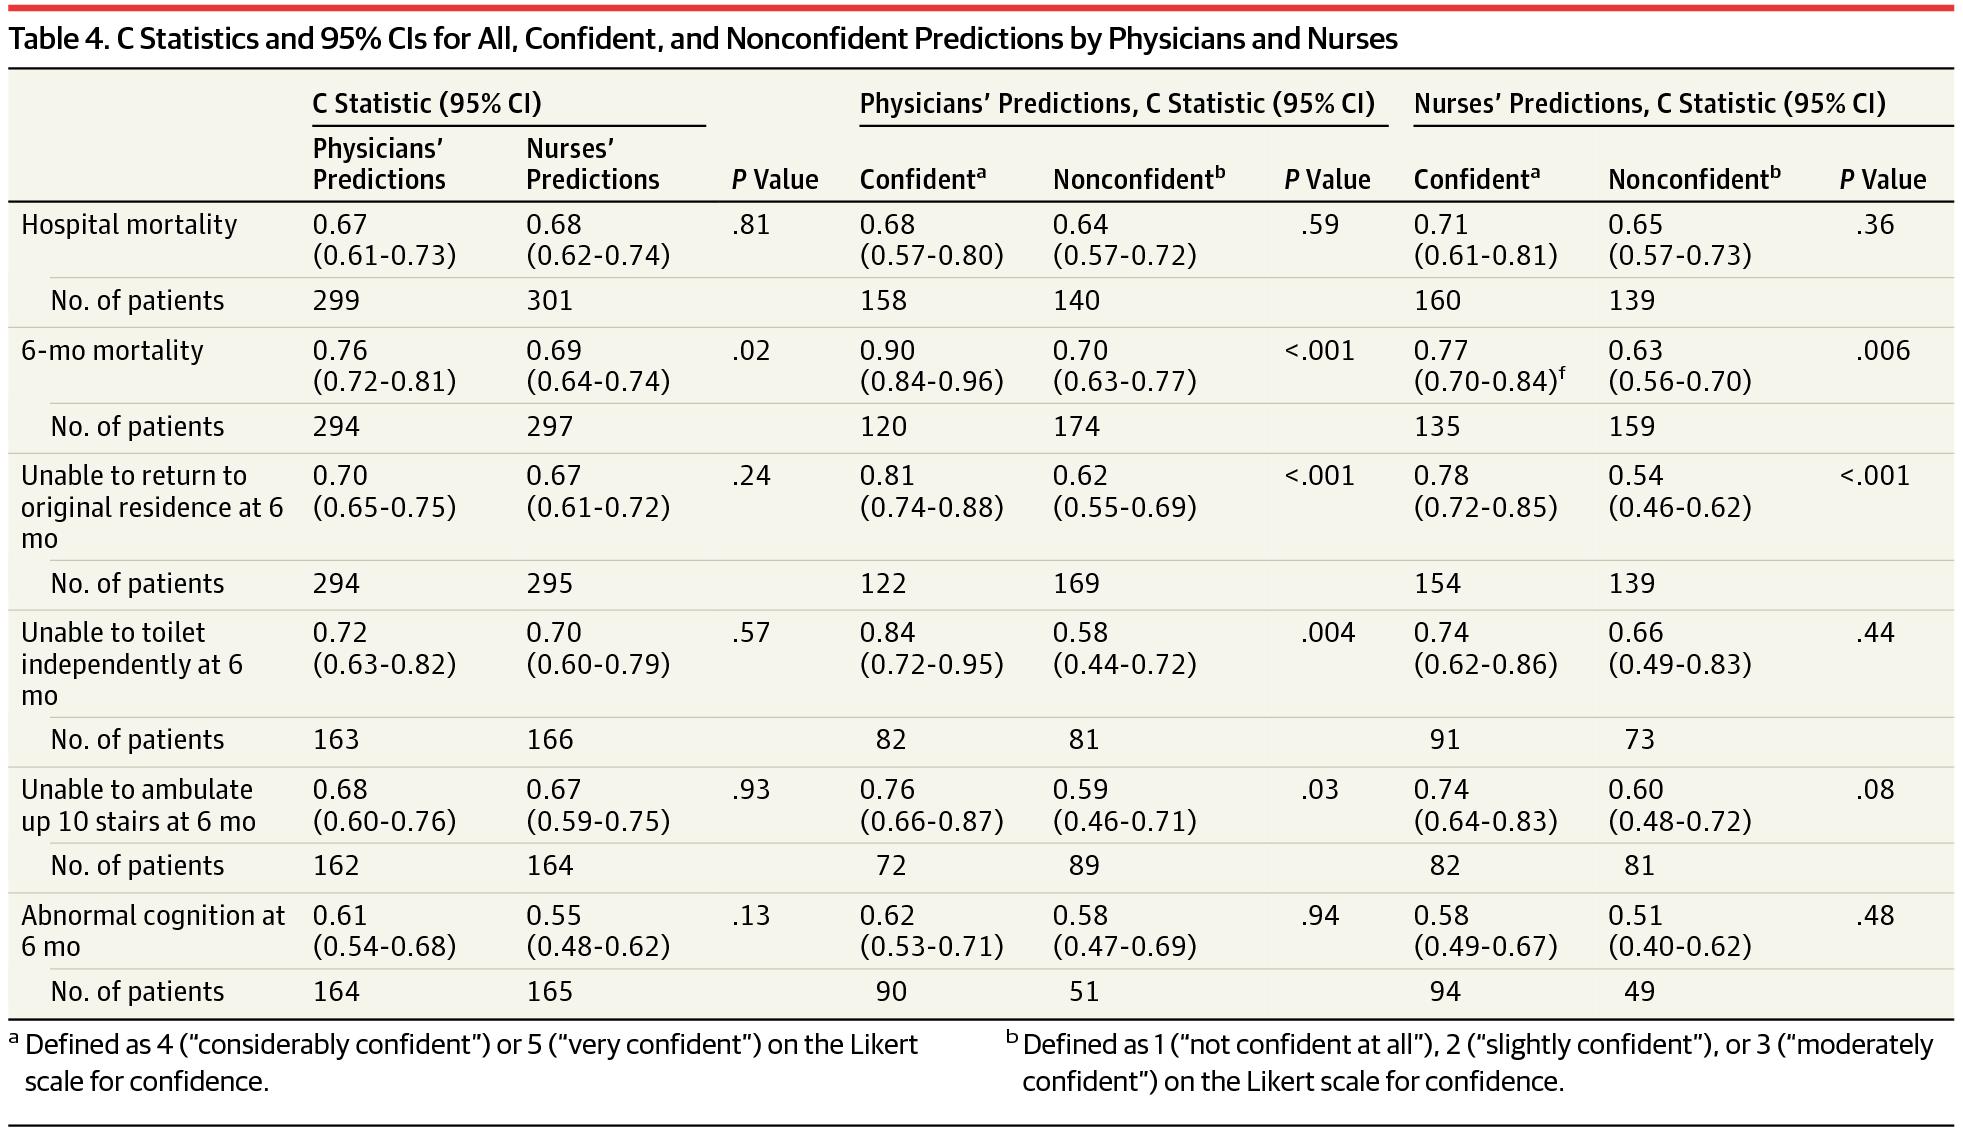 [JAMA在线发表]:医生与护士判断ICU患者6个月后生存及功能预后的预测准确性